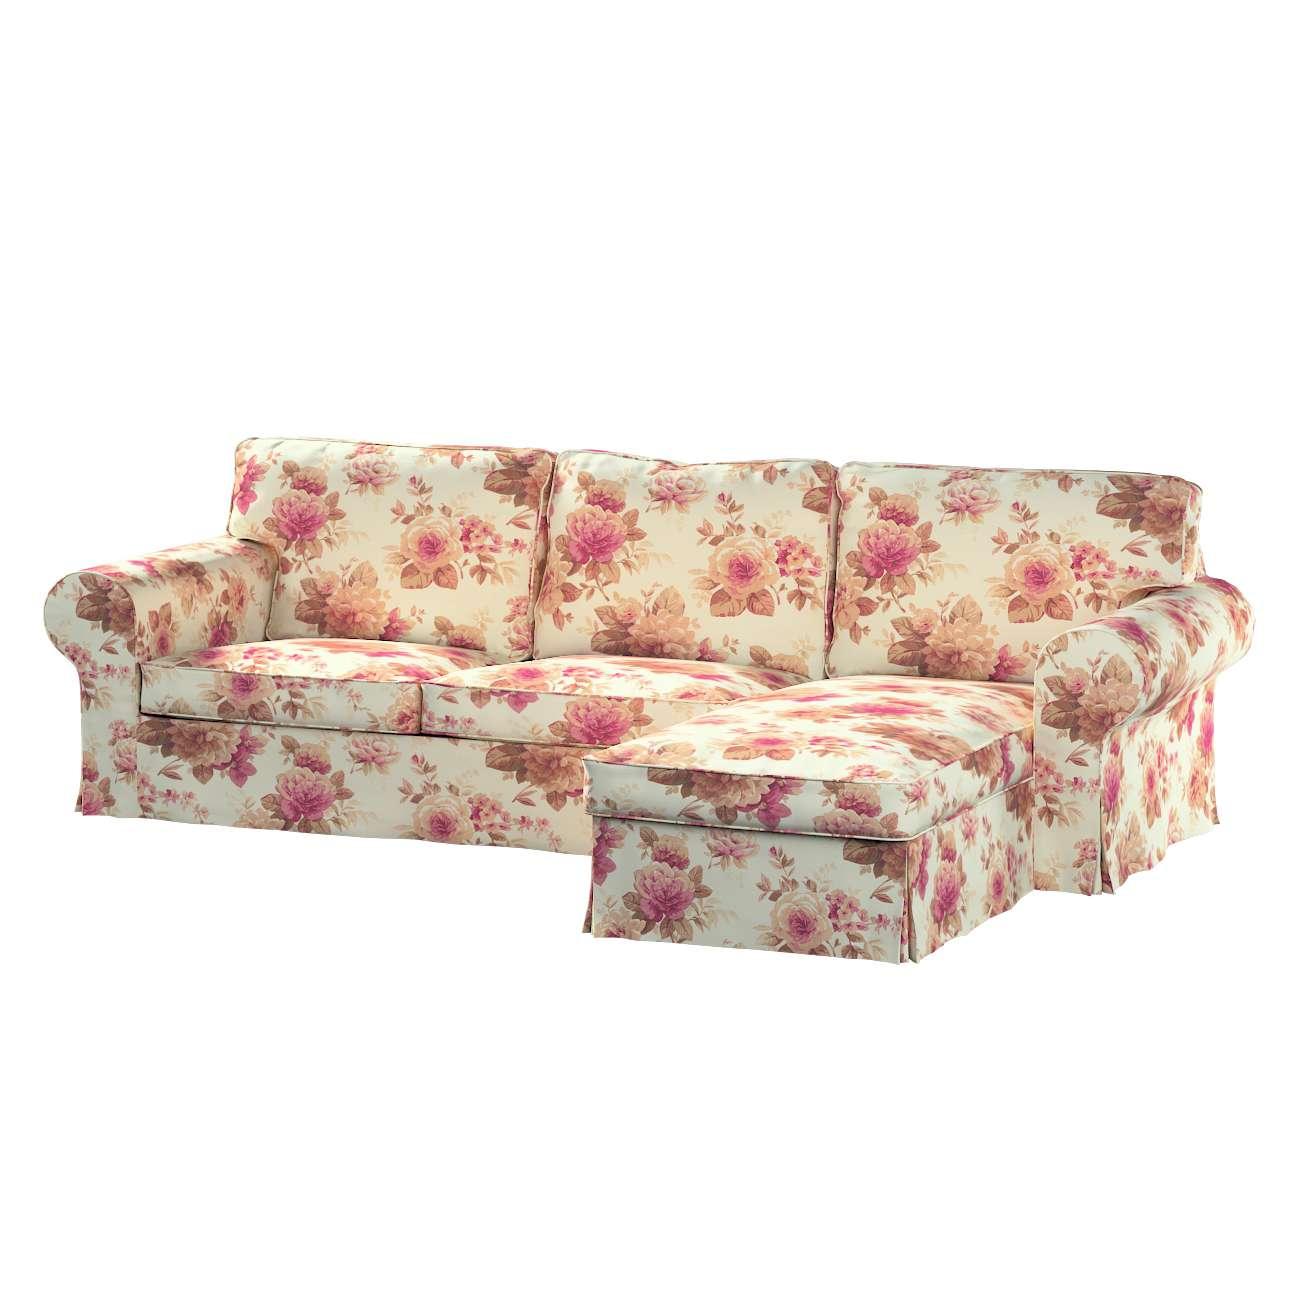 Ektorp dvivietės sofos su gulimuoju krėslu užvalkalas Ikea Ektorp dvivietės sofos su gulimuoju krėslu užvalkalas kolekcijoje Mirella, audinys: 141-06